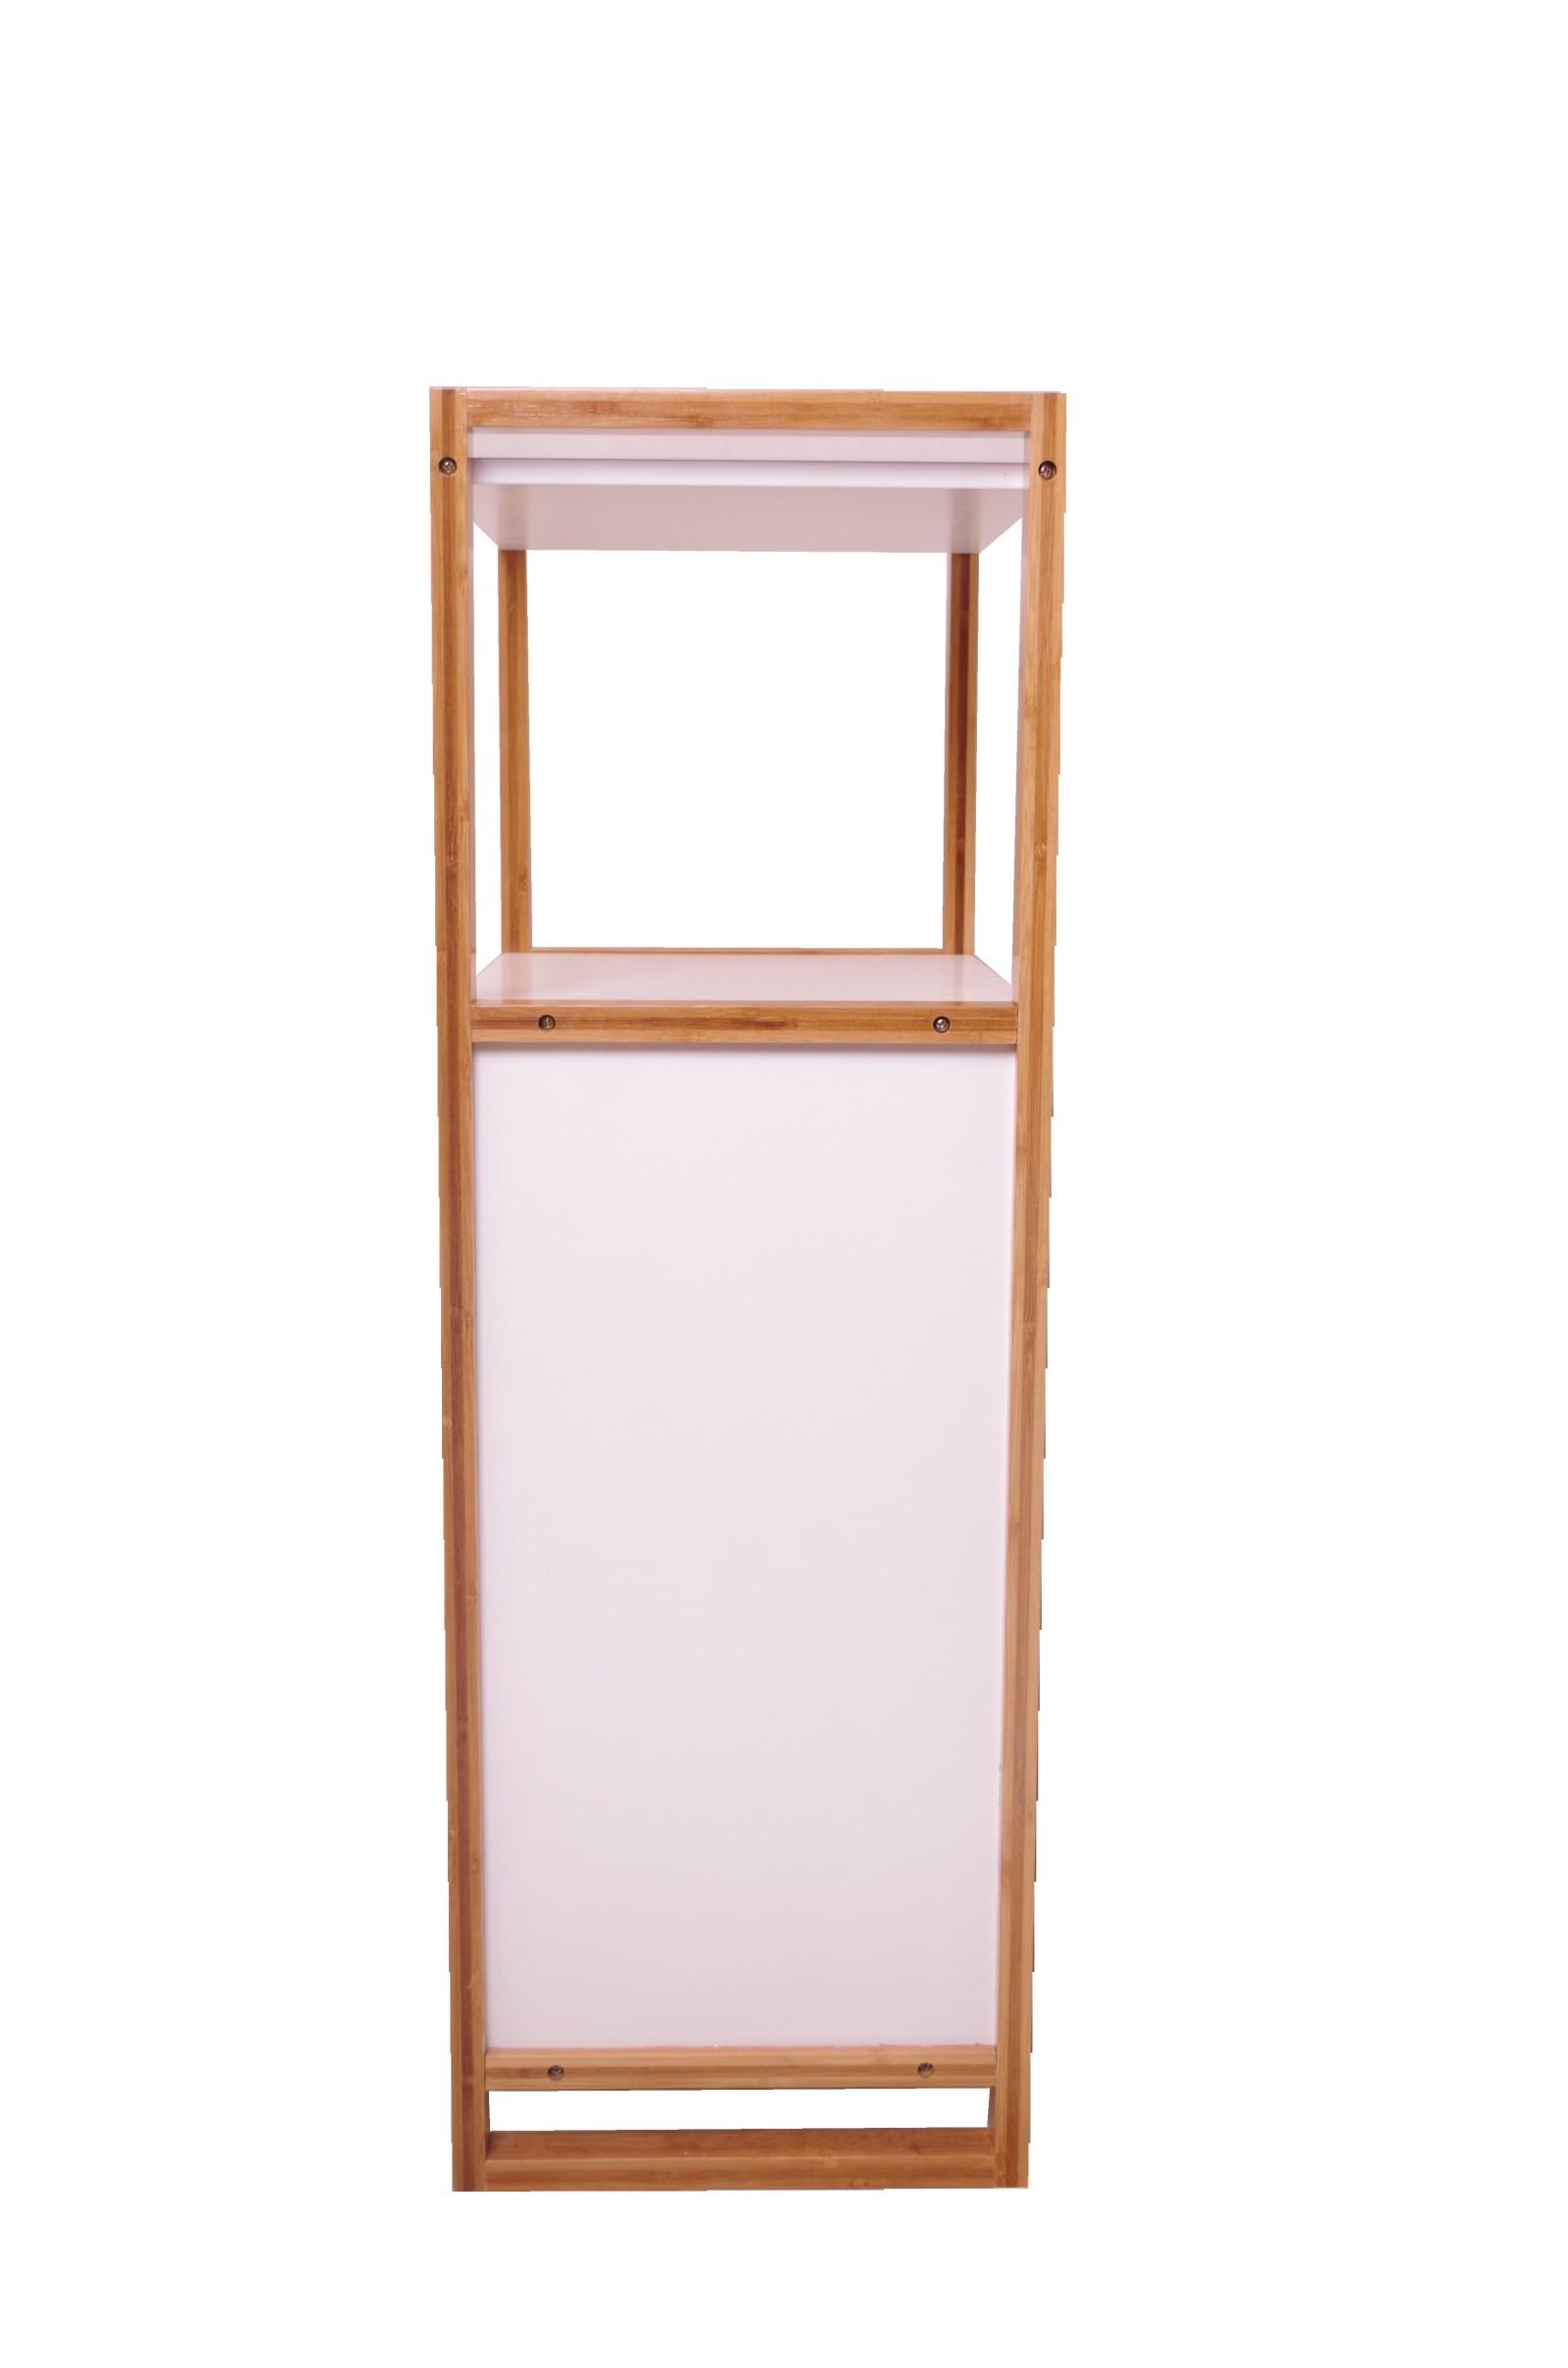 Badezimmerschrank mit wäschekorb  BECO Bambus Badschrank Holz Wäschekorb Bad Badezimmer Schrank ...